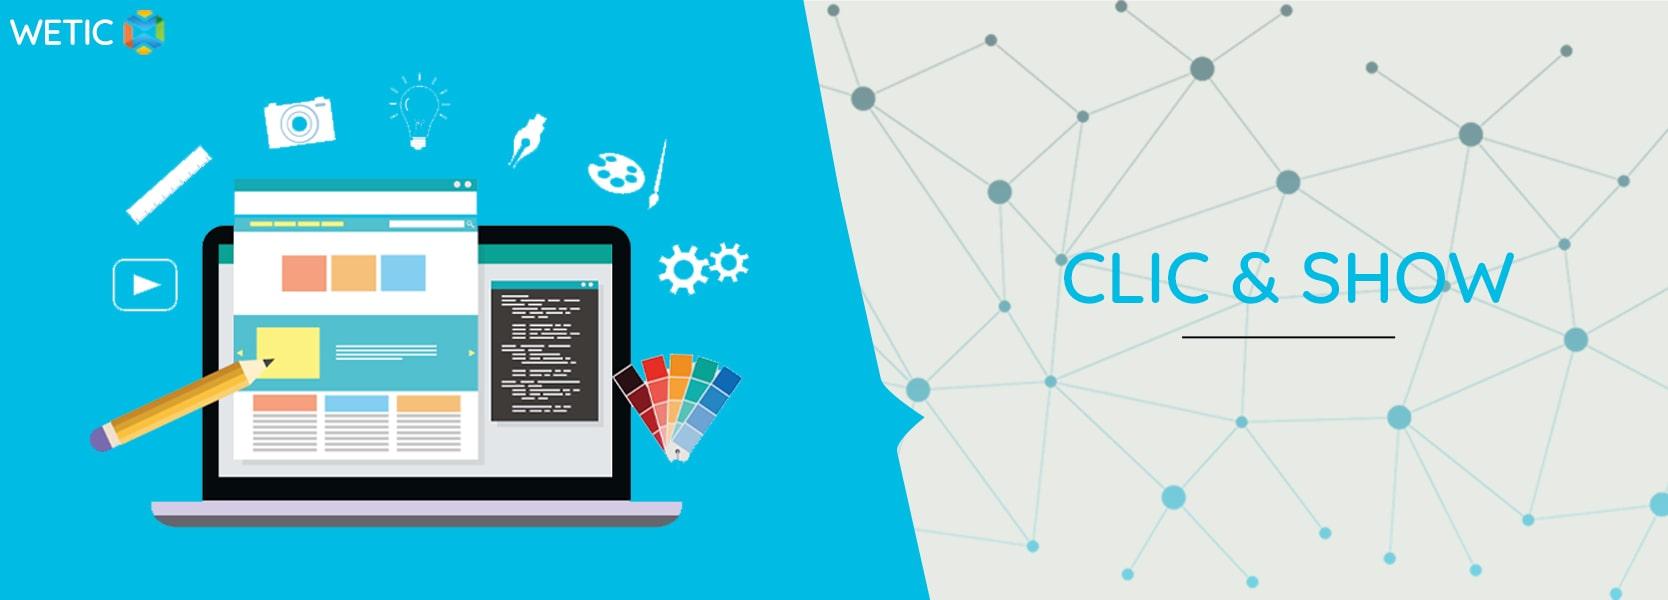 Créer un site Internet : Clic & Show